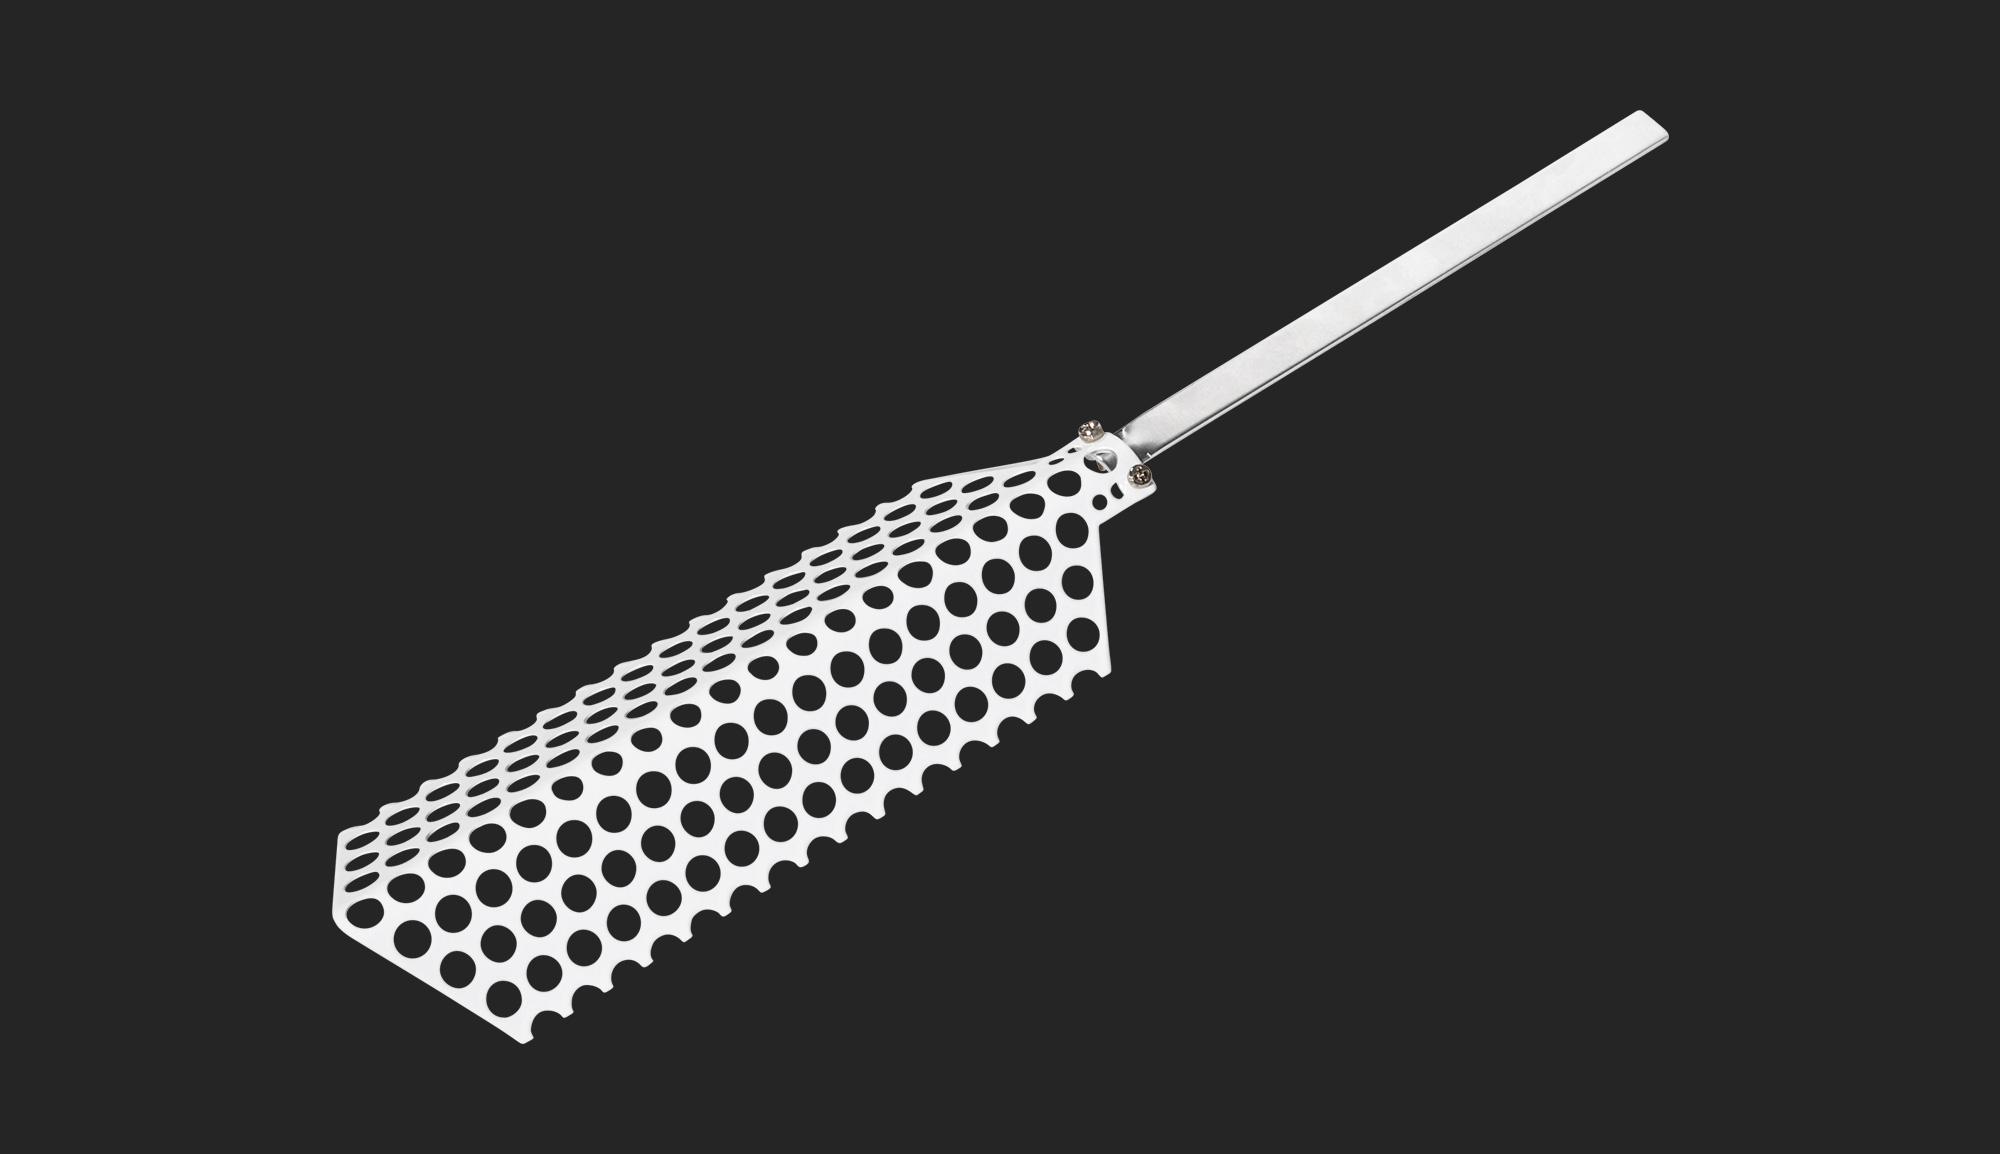 Defender Large Superspreader - Adjust-A-Wings